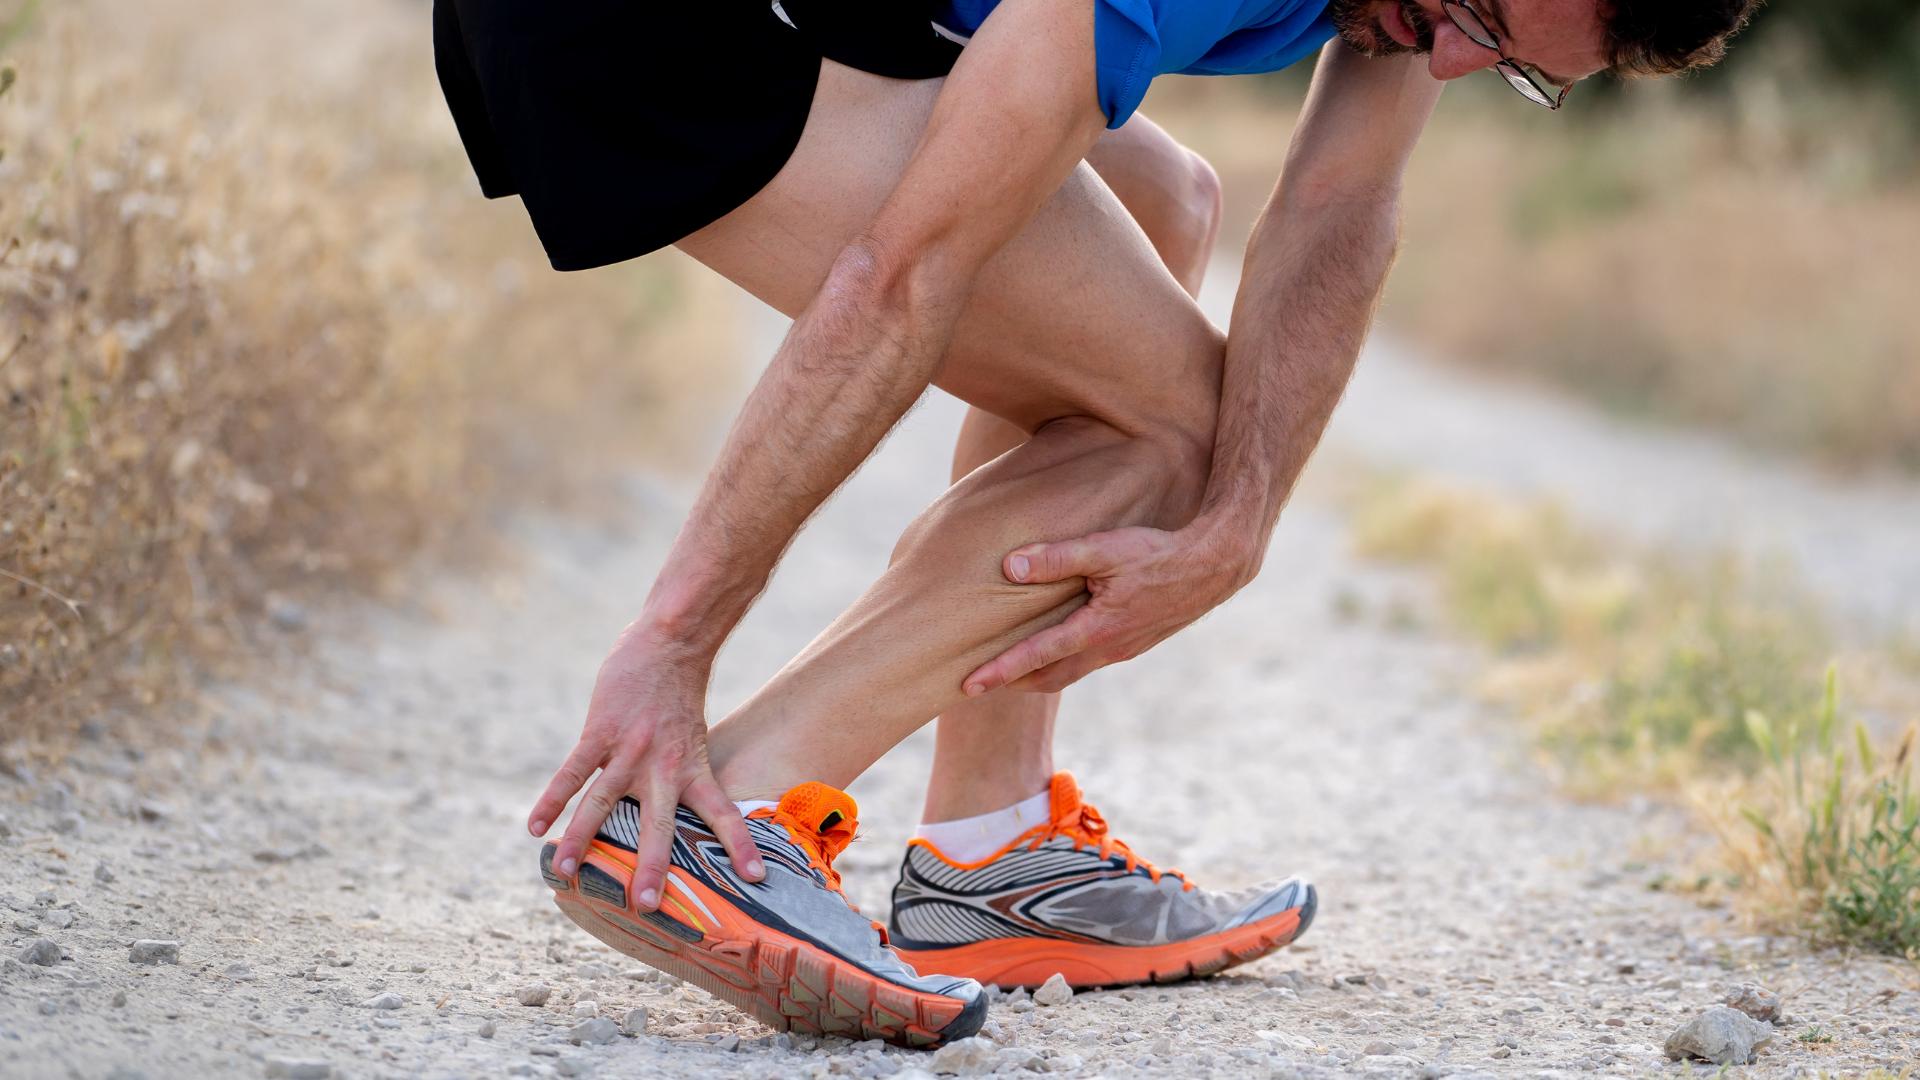 Injuries Below the Knee